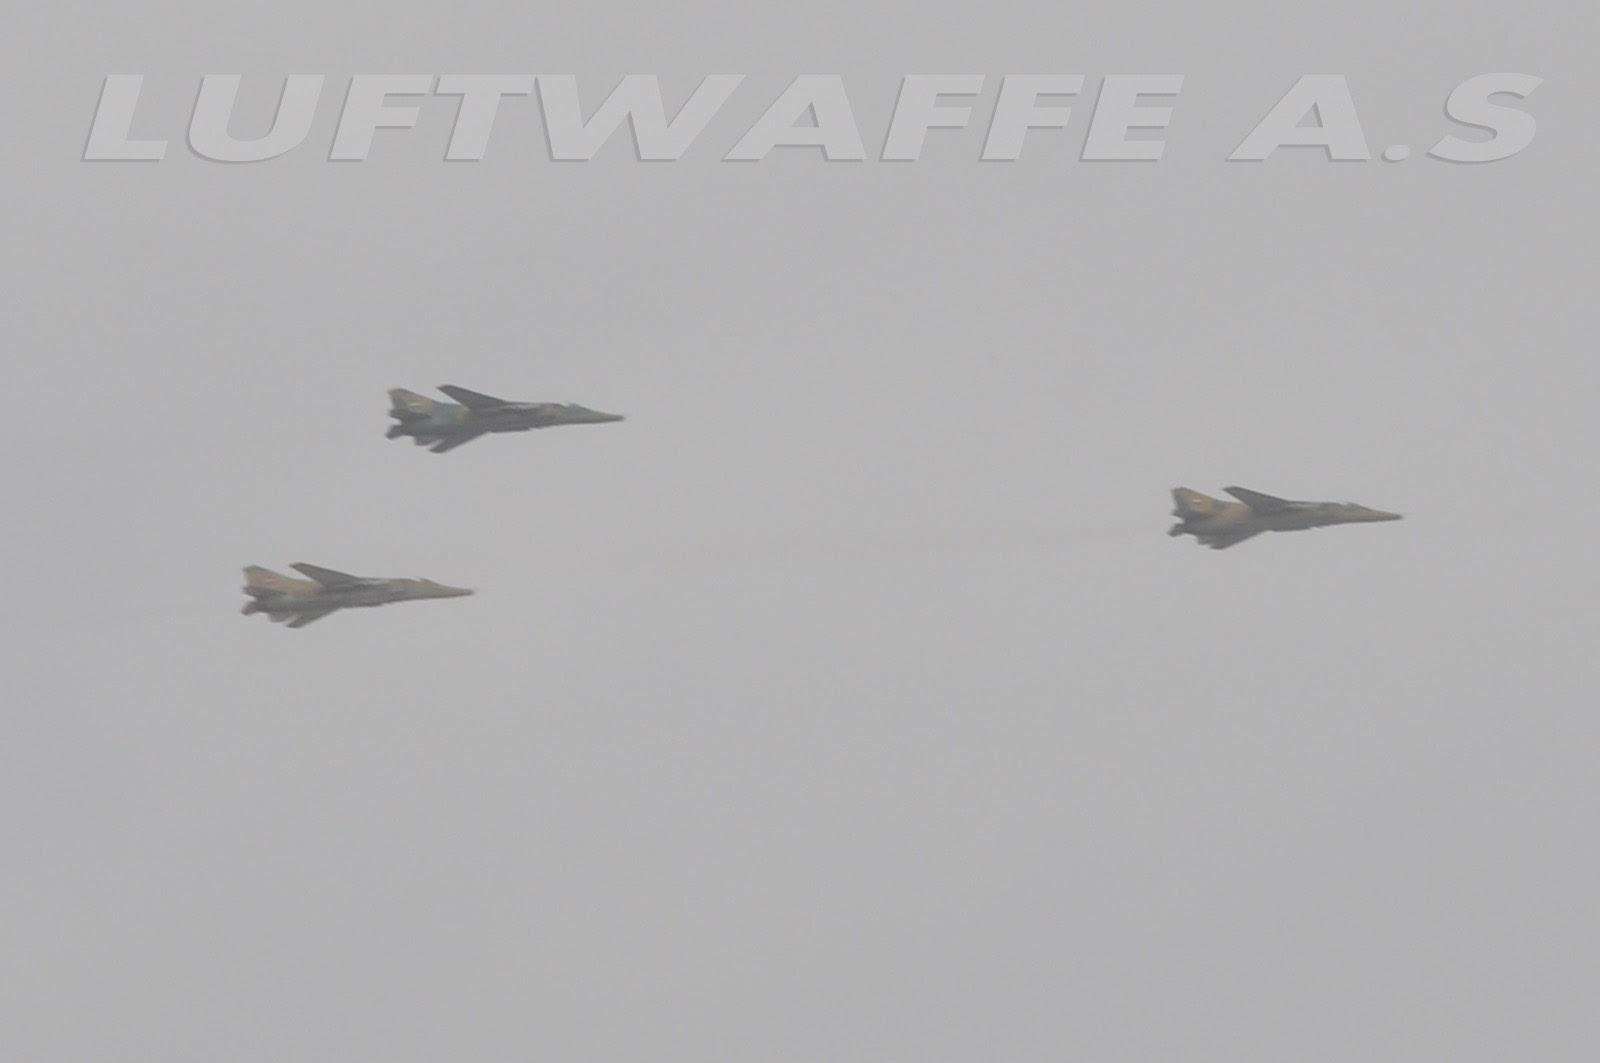 http://2.bp.blogspot.com/--BA0_-RZLDY/TZmTpF_QMsI/AAAAAAAAAvE/qJheHeawhX4/s1600/MiG-23BN+Flogger-J++unknown++++2010.bmp